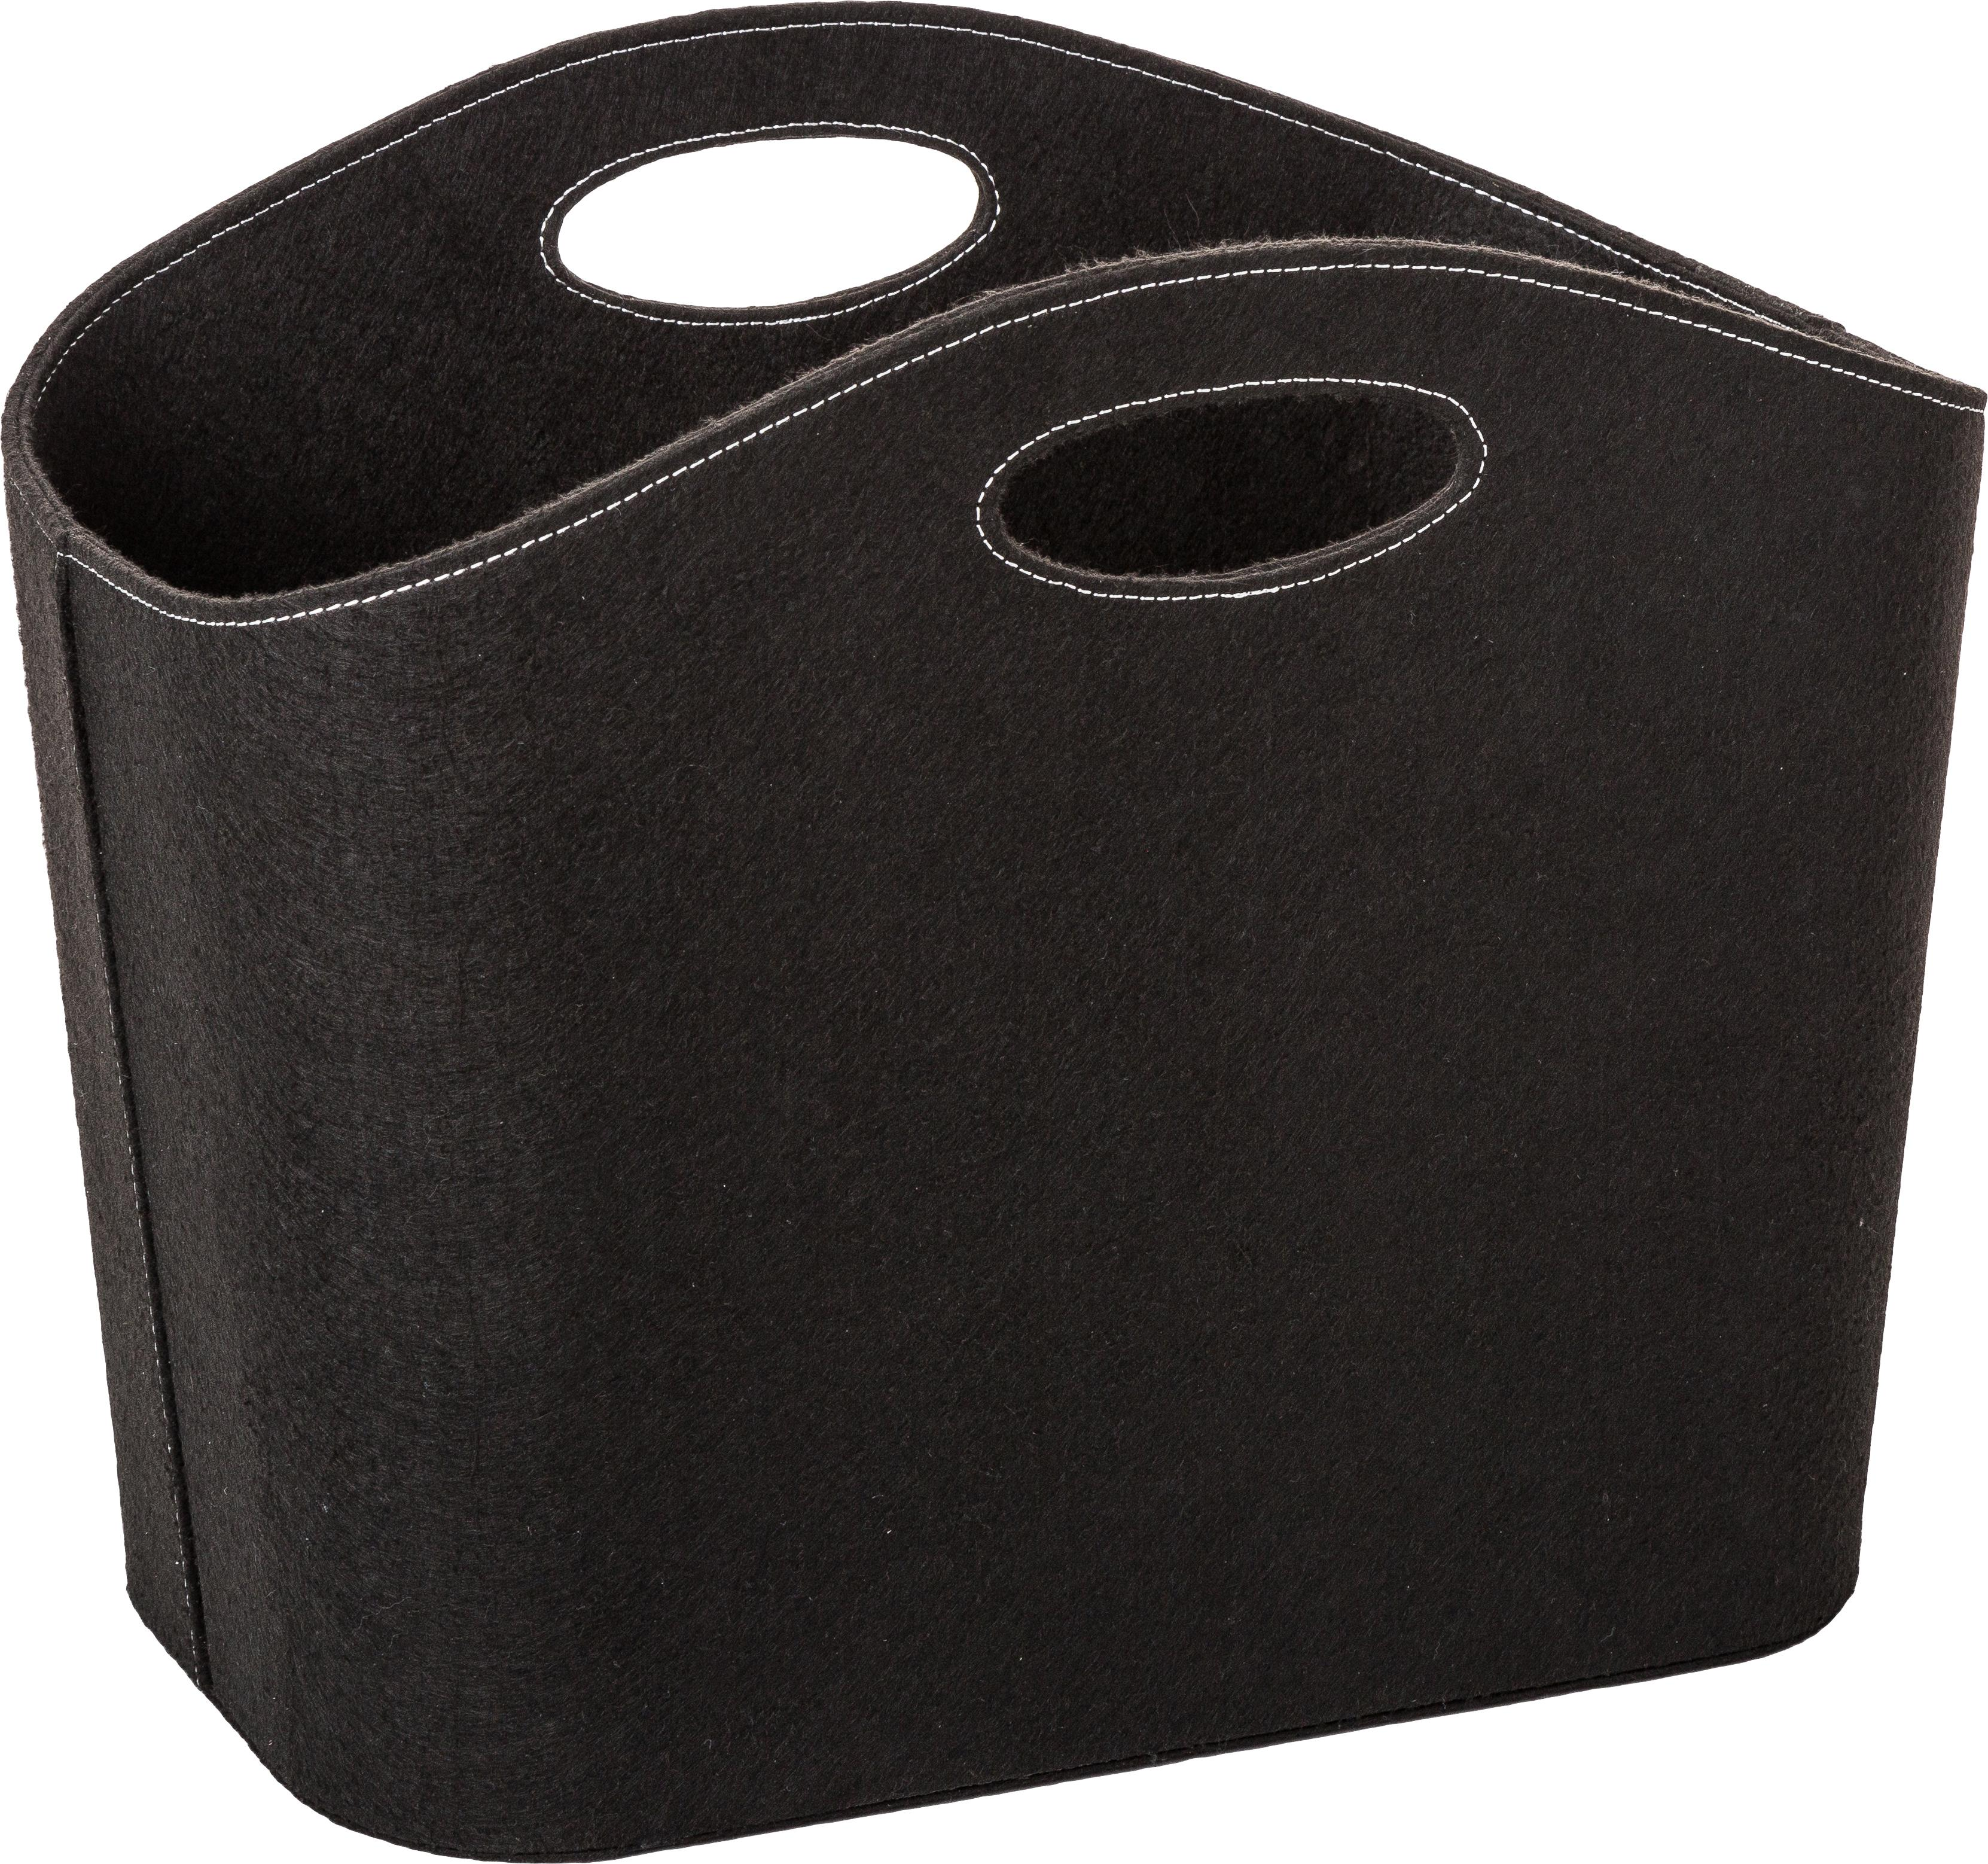 Cesto Mascha, Feltro in materiale sintetico riciclata, Nero, Lung. 45 x Larg. 30 cm